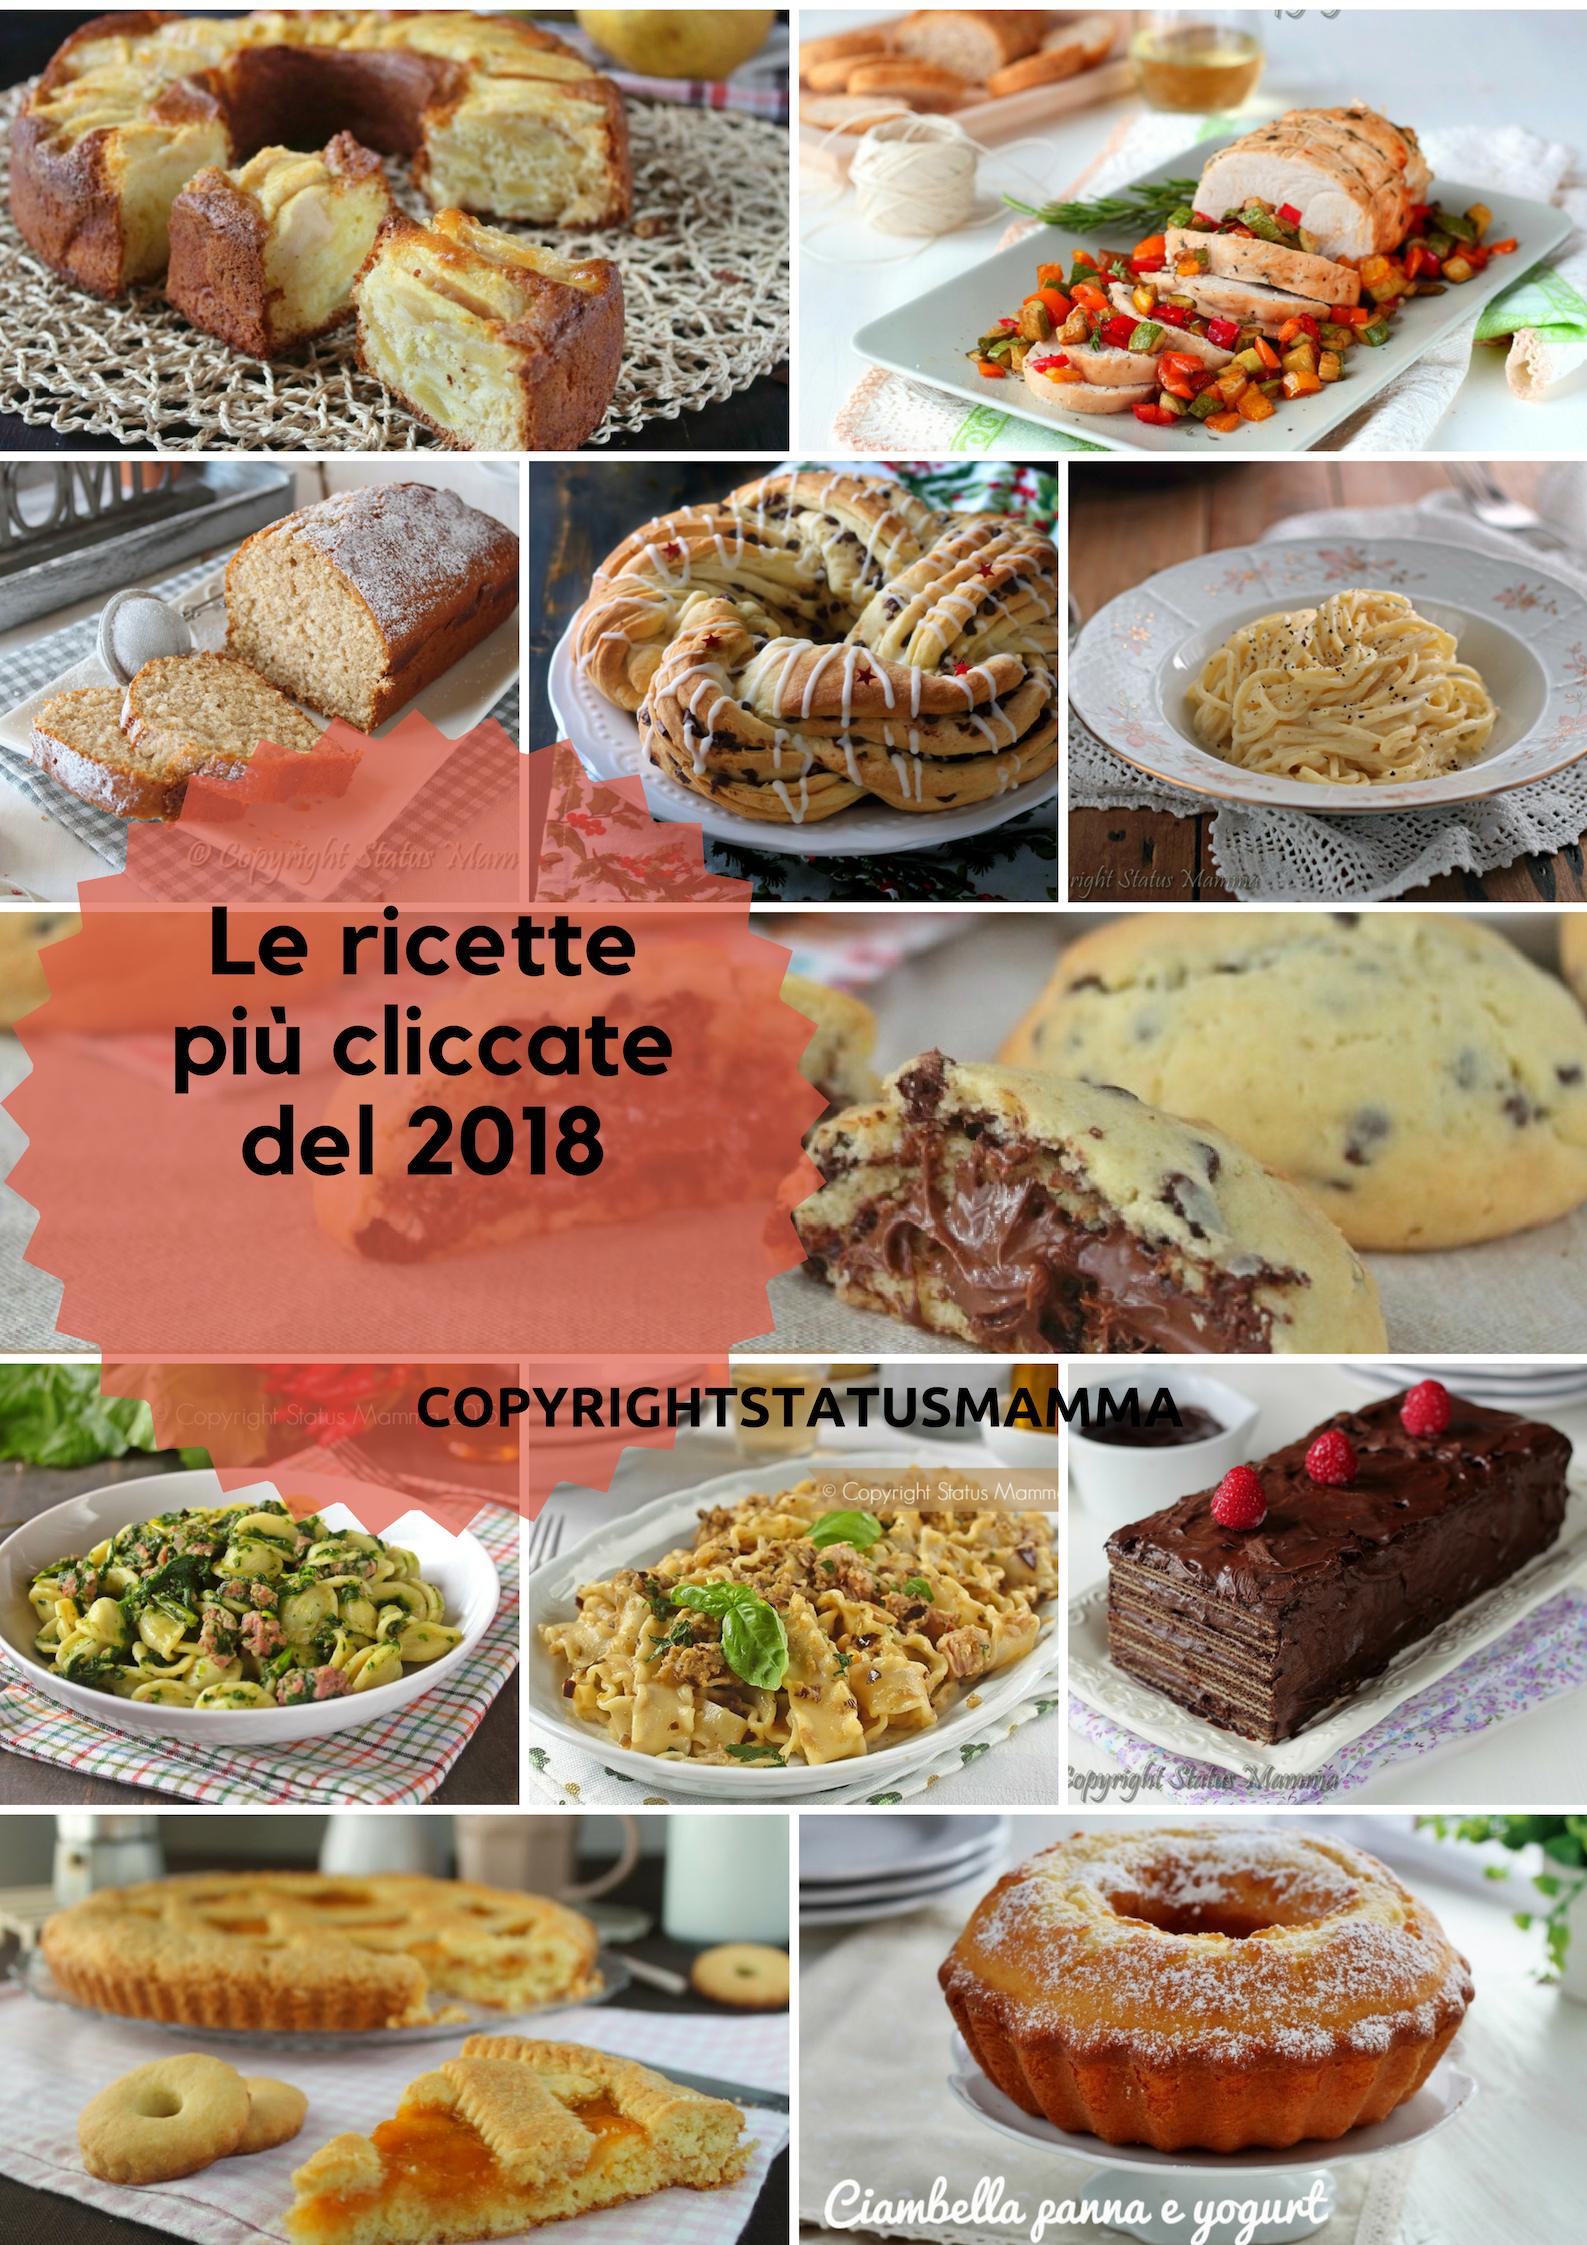 Le ricette più cliccate del 2018 top Statusmamma